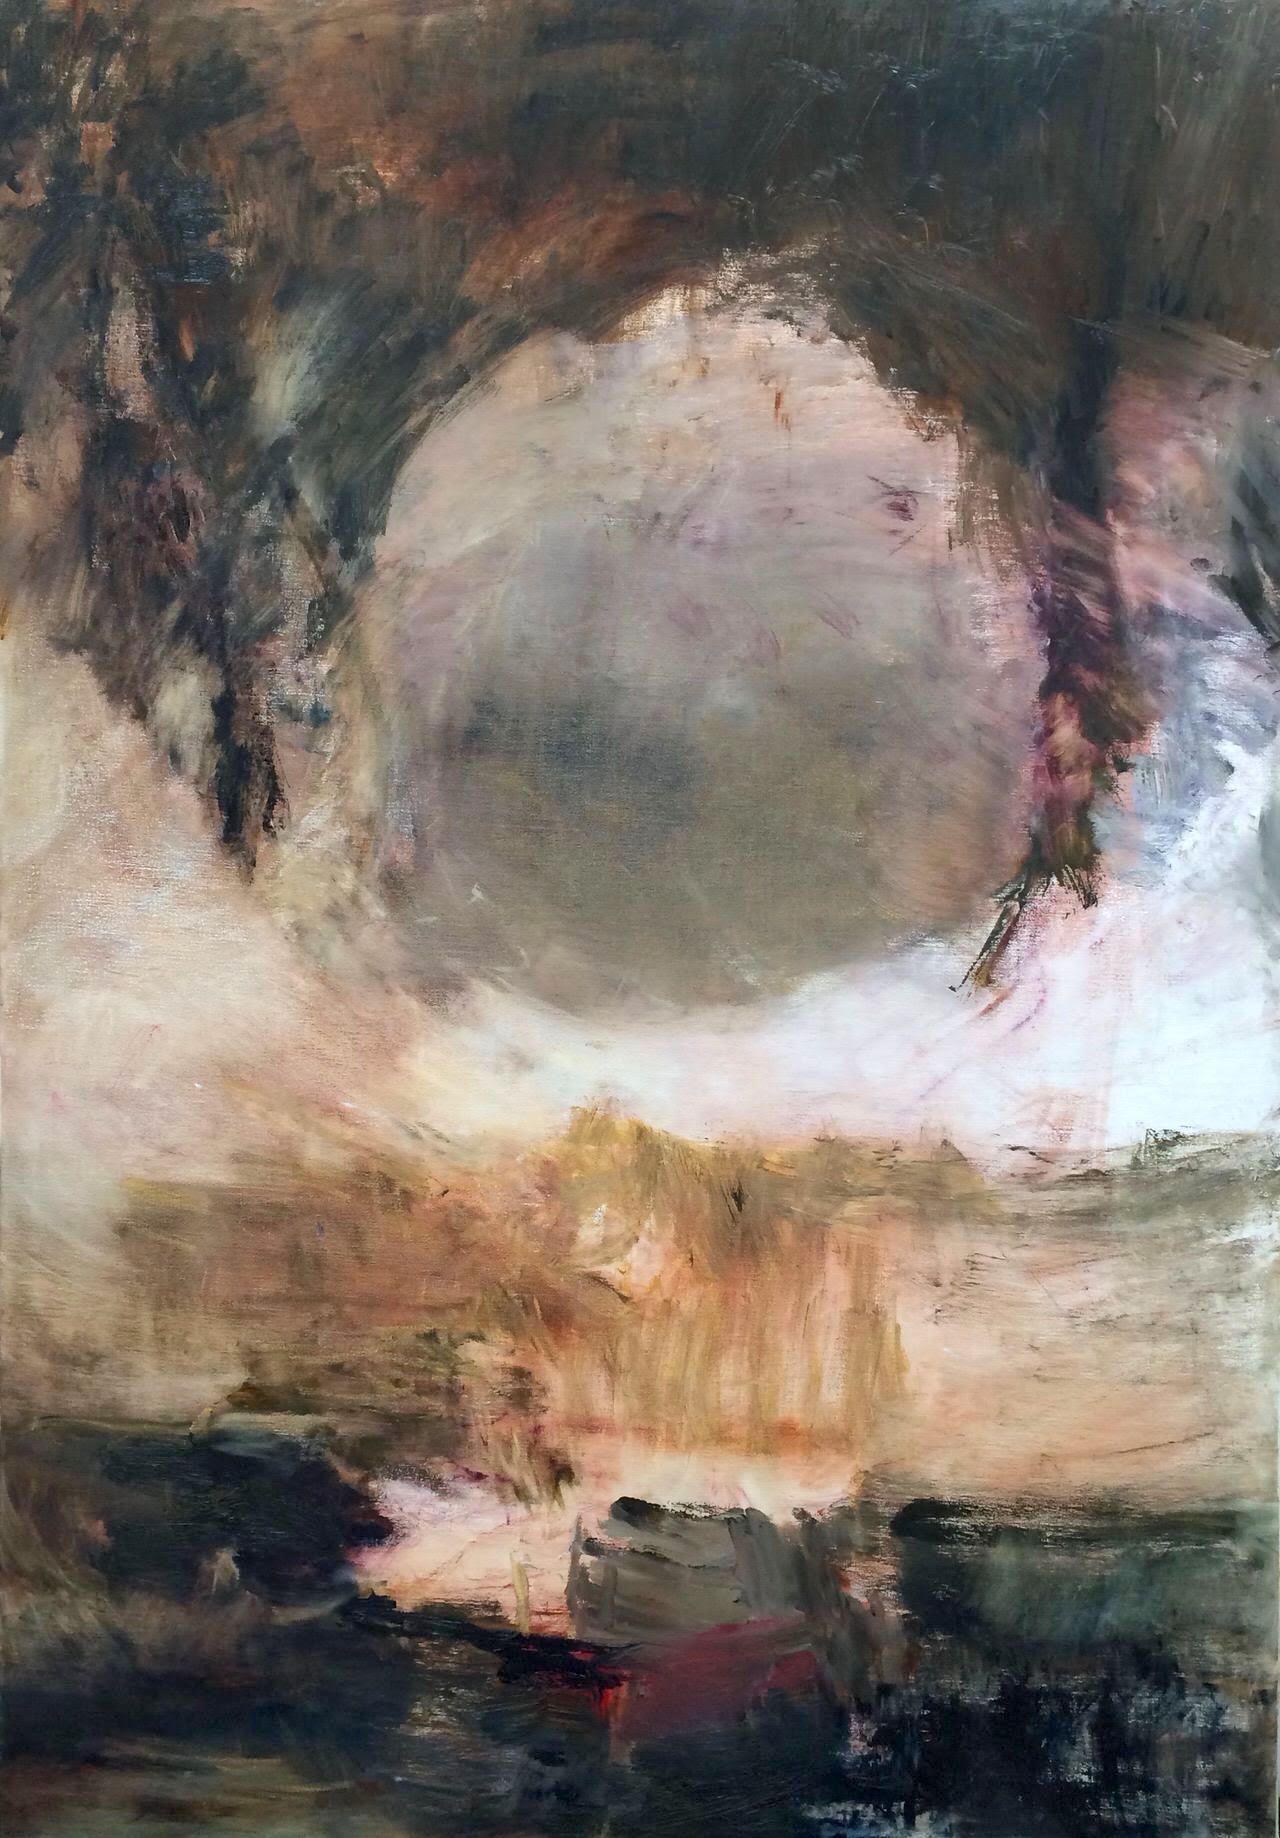 Solace (2016), Bridget Allaire